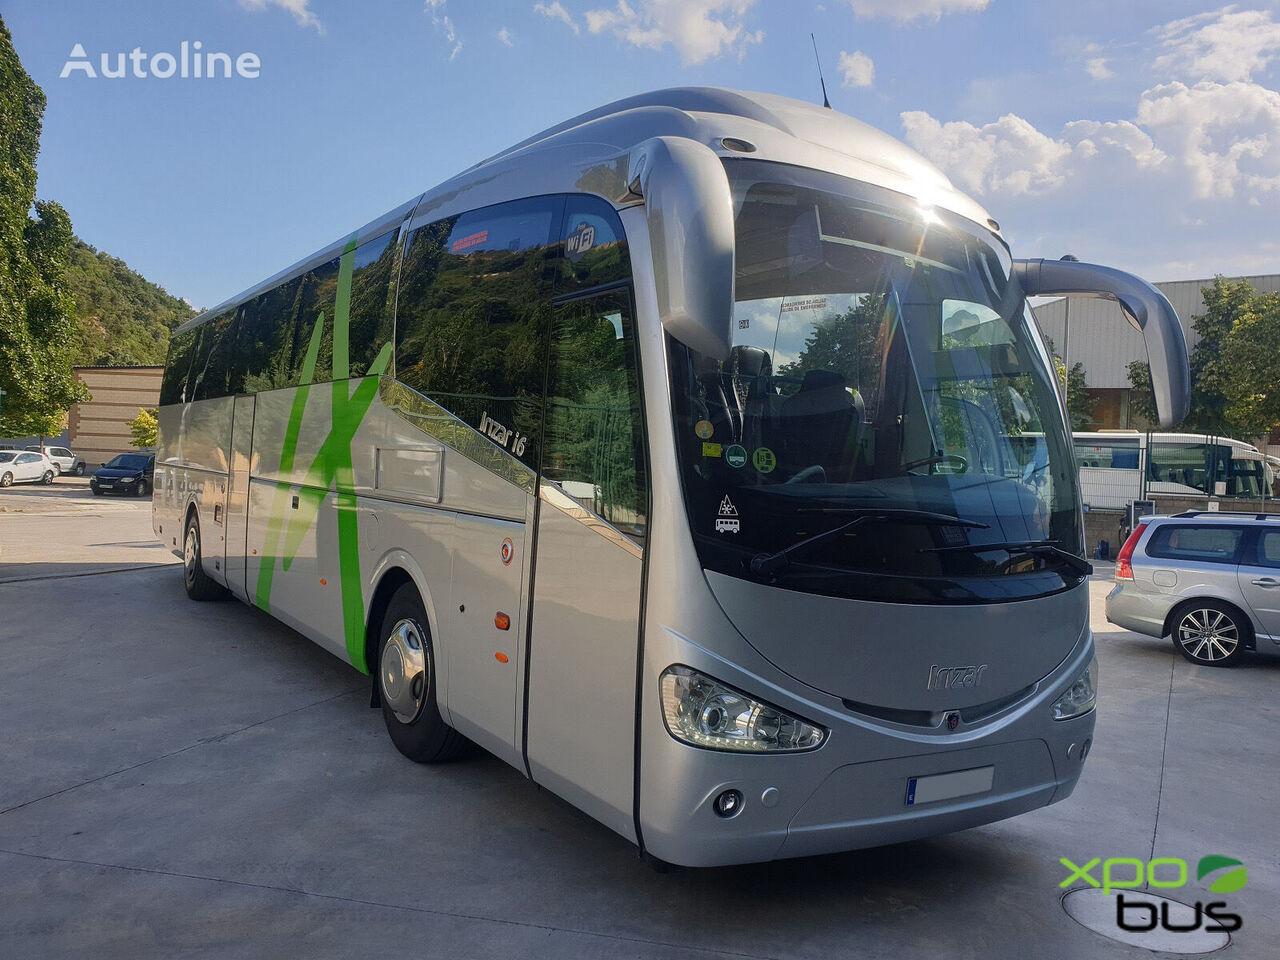 SCANIA K480 EB. IRIZAR I6. 13.35 coach bus